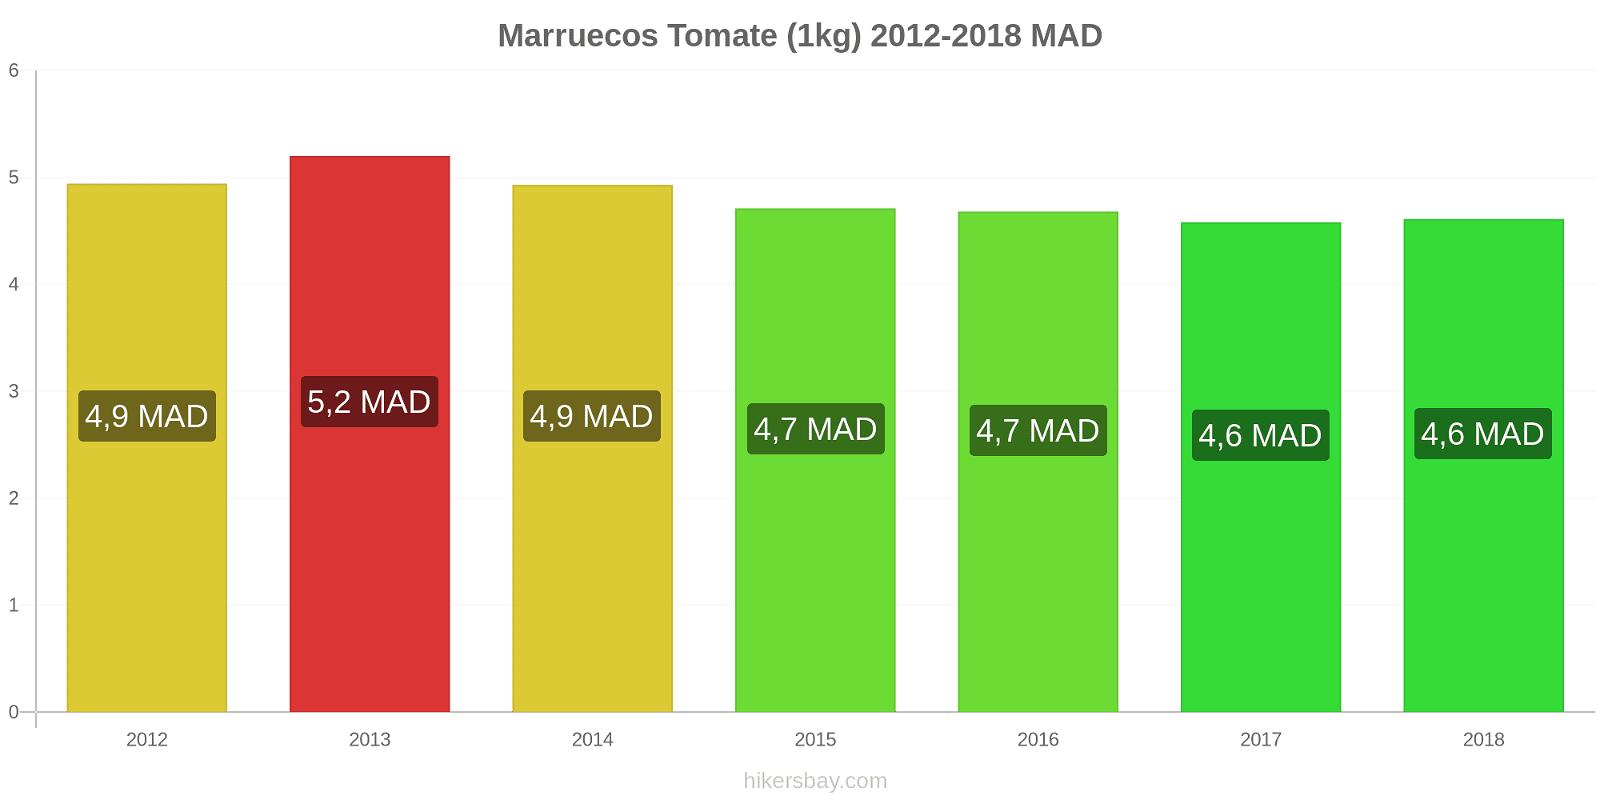 Marruecos cambios de precios Tomate (1kg) hikersbay.com